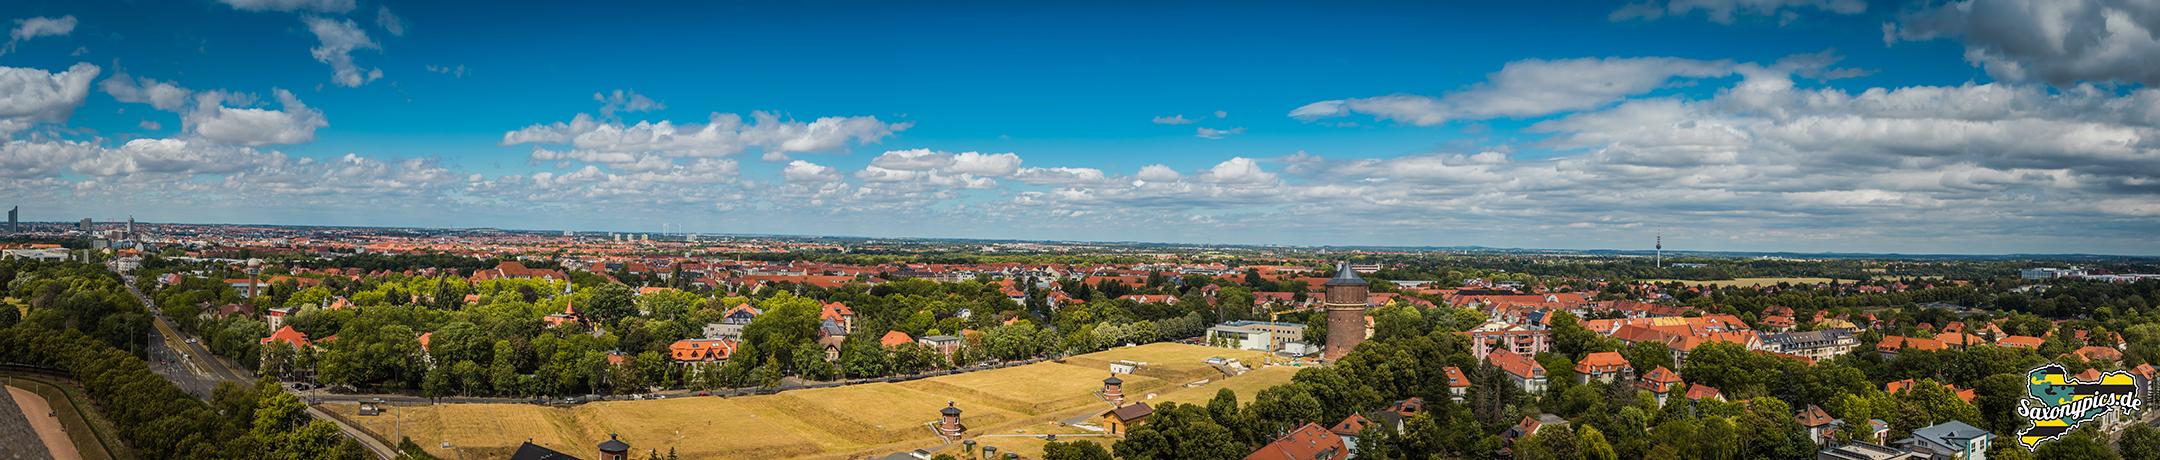 Panoramablick vom Volkerschlachtdenkmal02